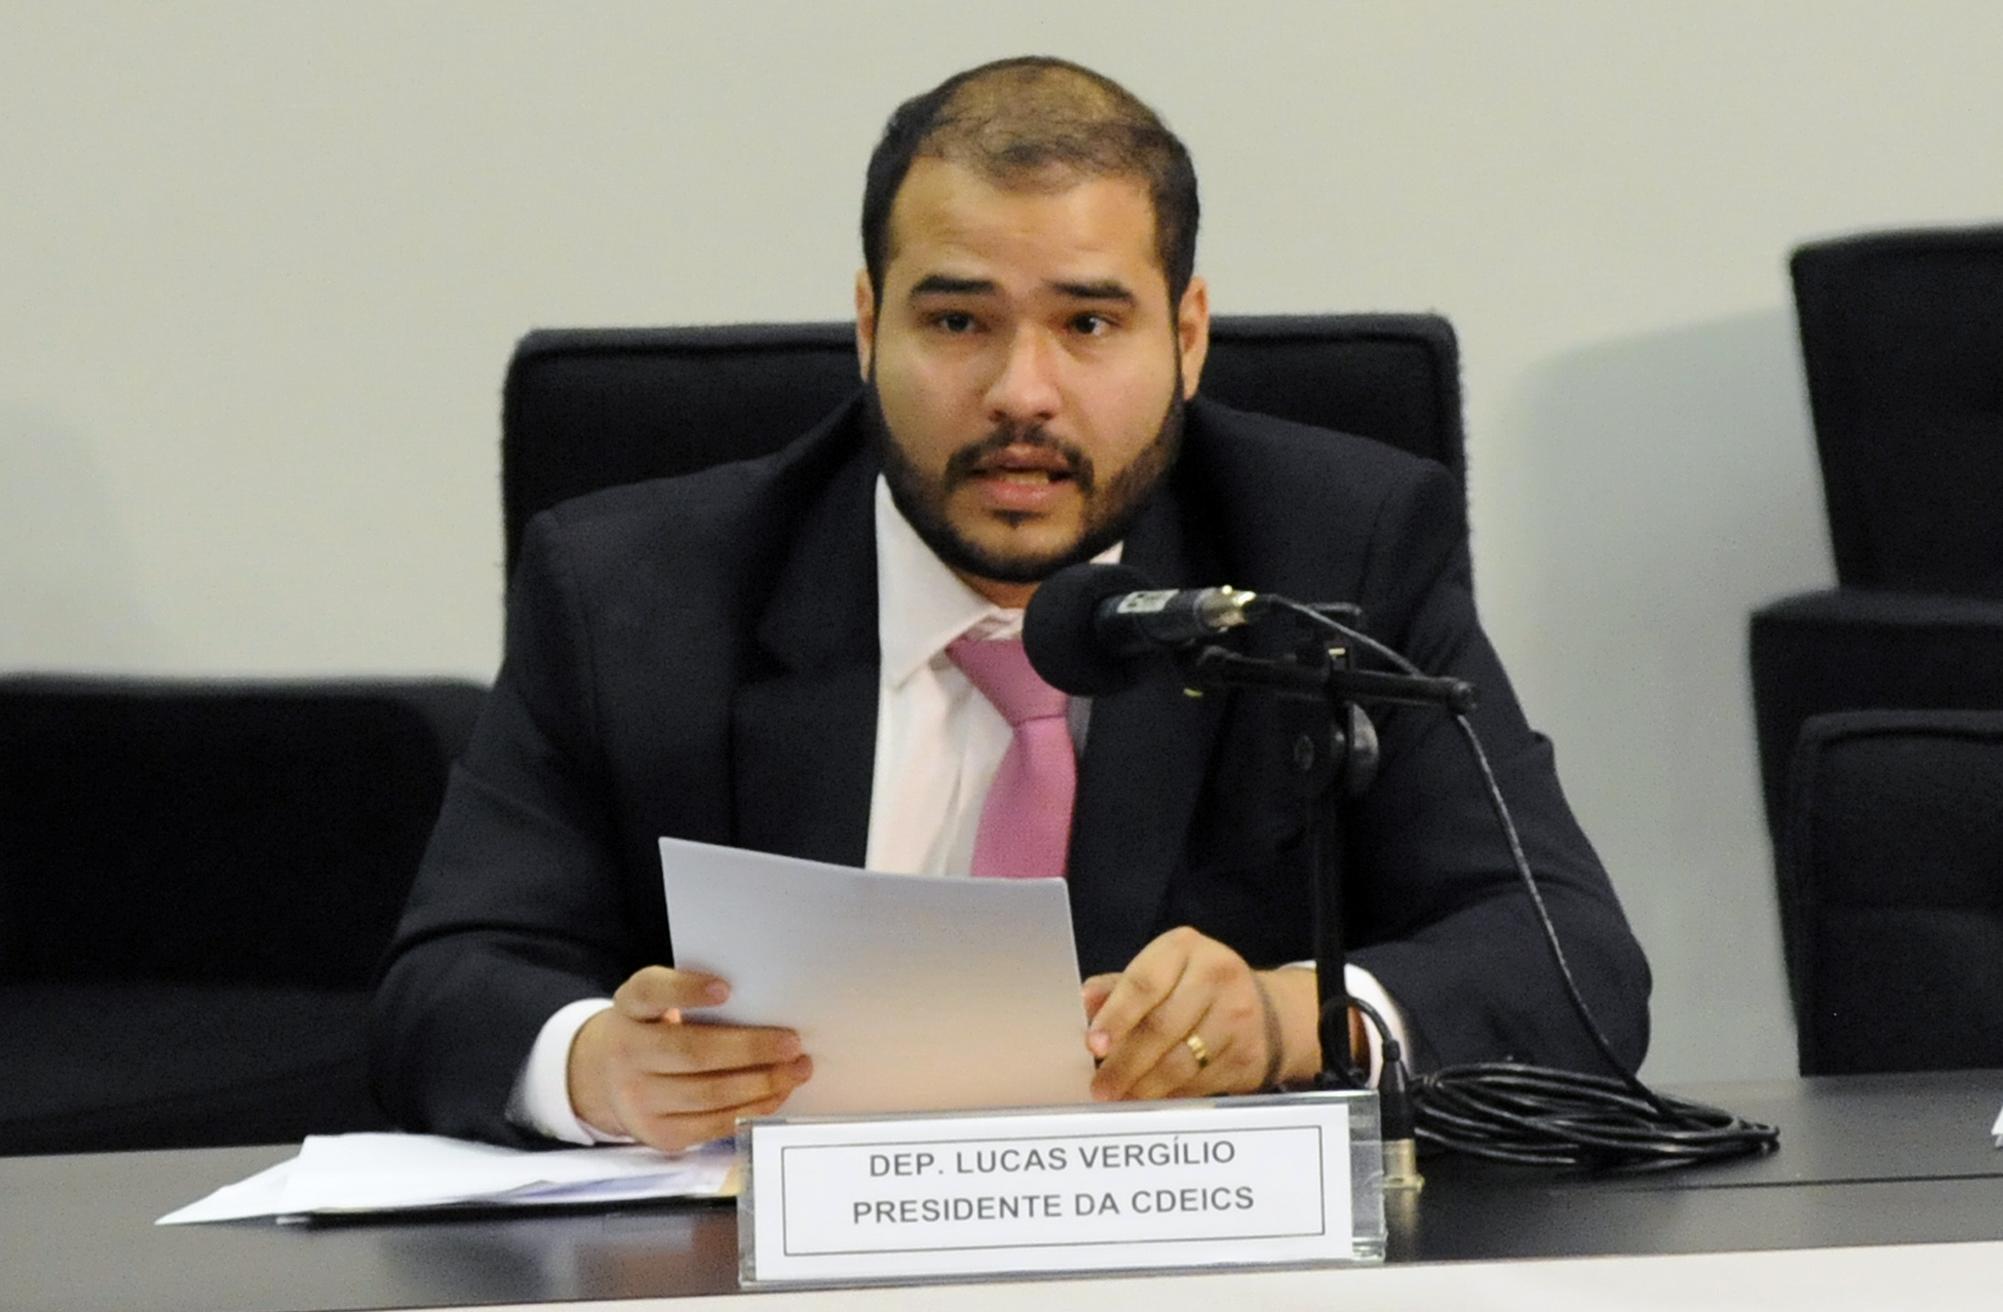 Audiência pública para debater a situação dos permissionários lotéricos do Brasil. Dep. Lucas Vergilio (SD - GO)